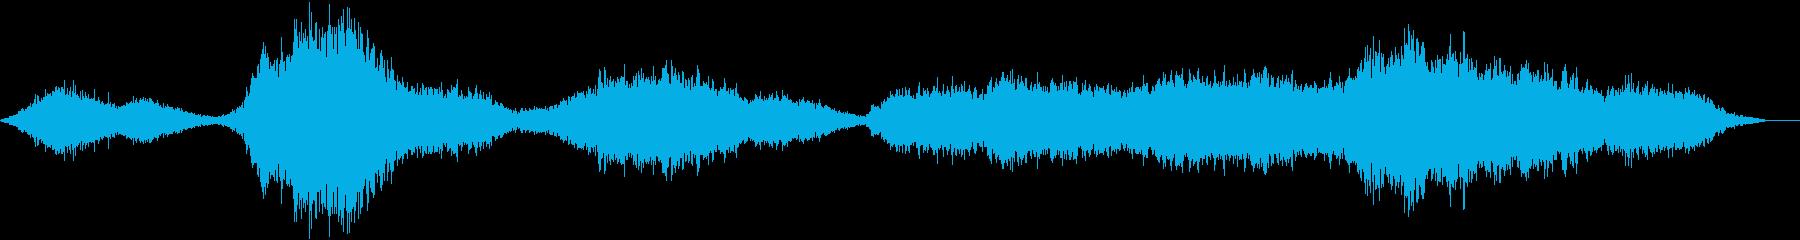 【ホラー】 【映画】 逃亡の再生済みの波形